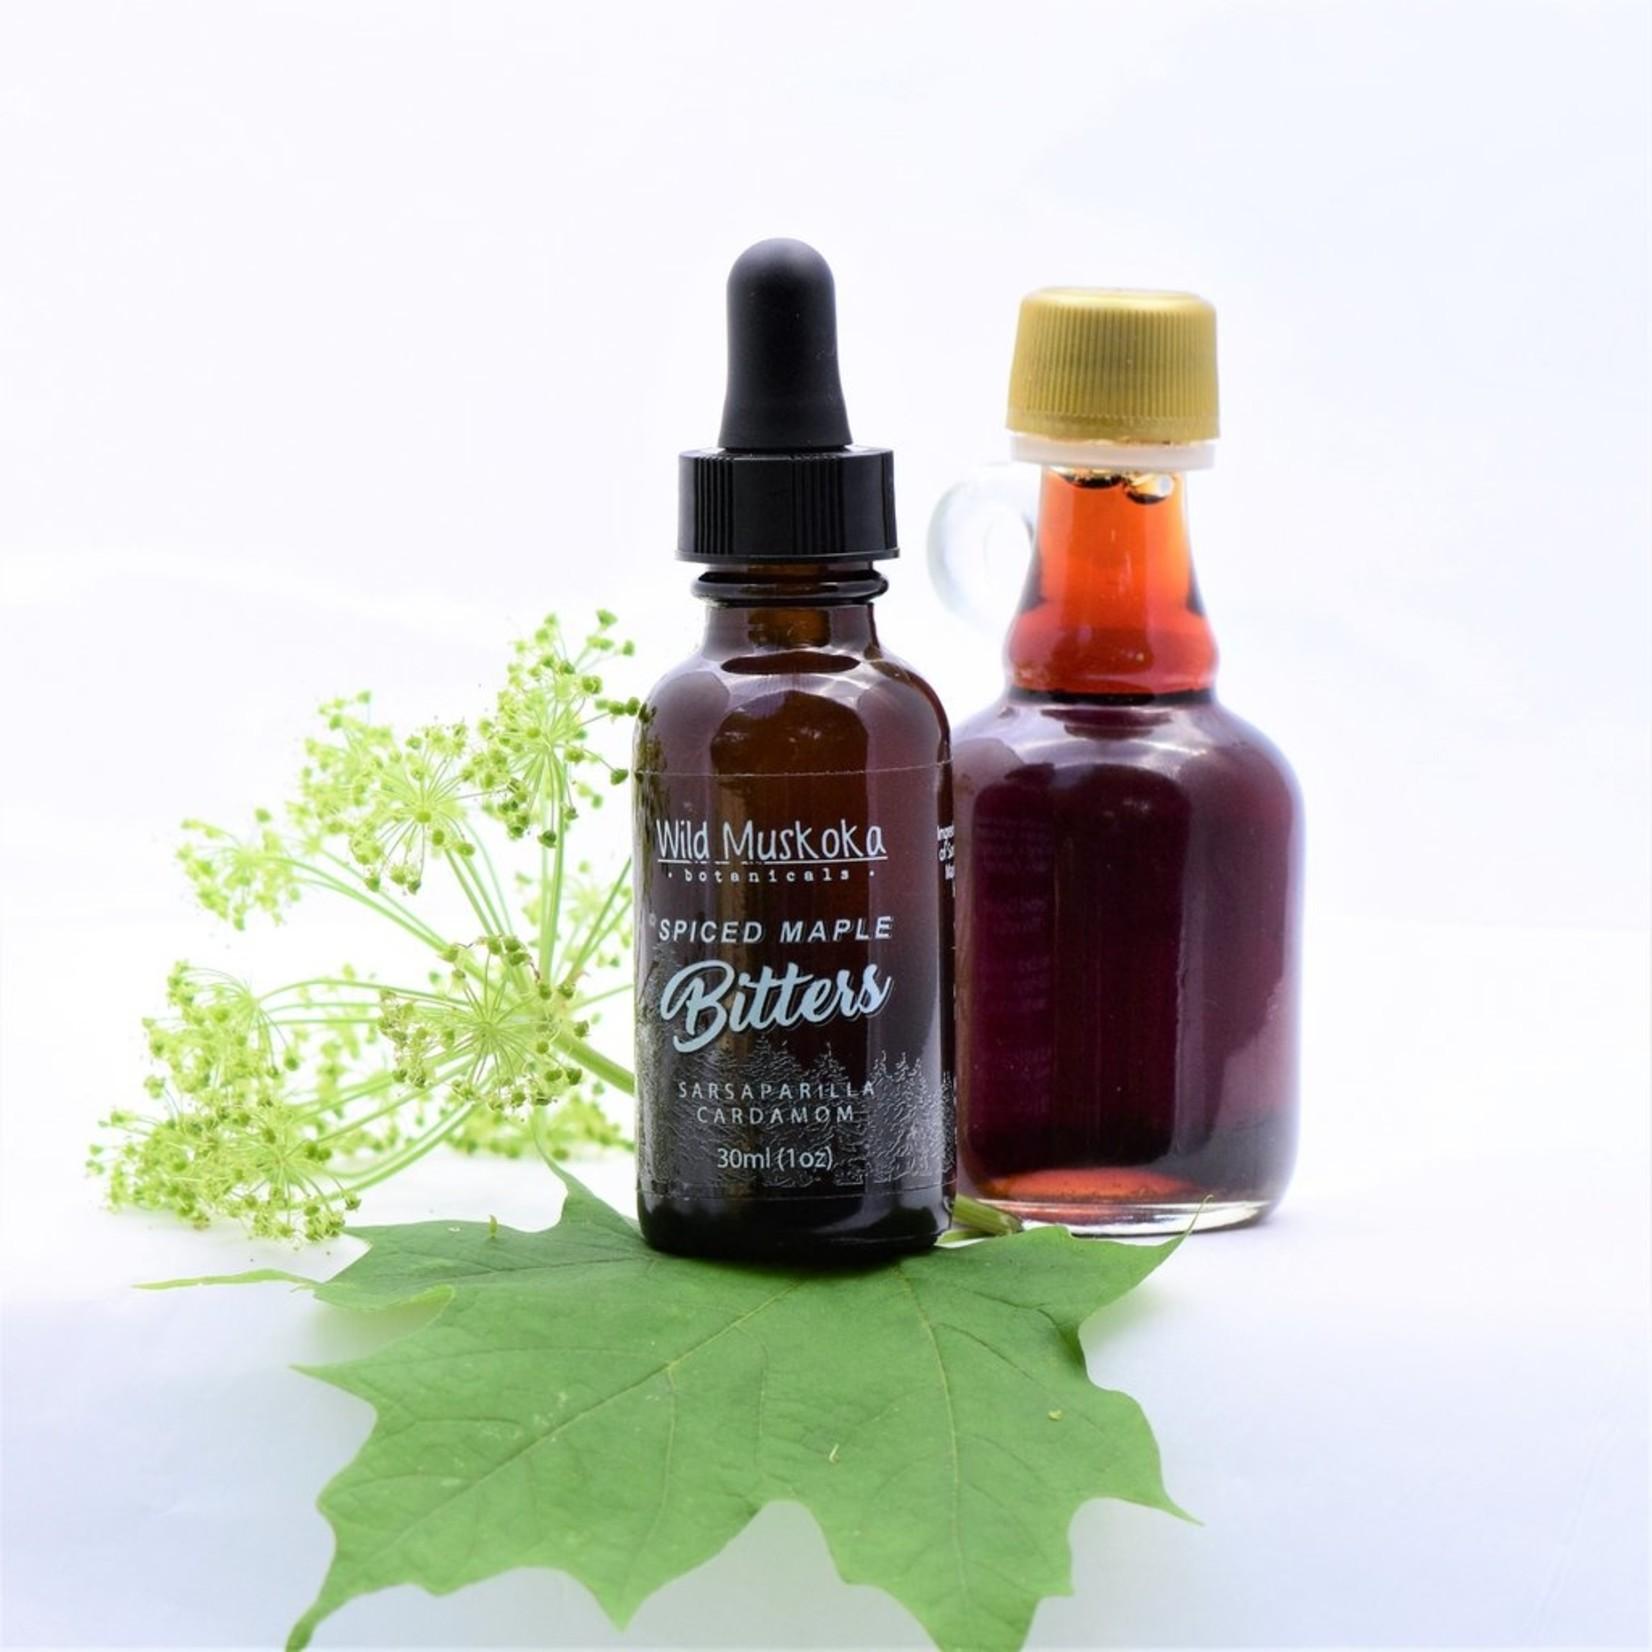 Wild Muskoka Botanicals Spiced Maple Bitters